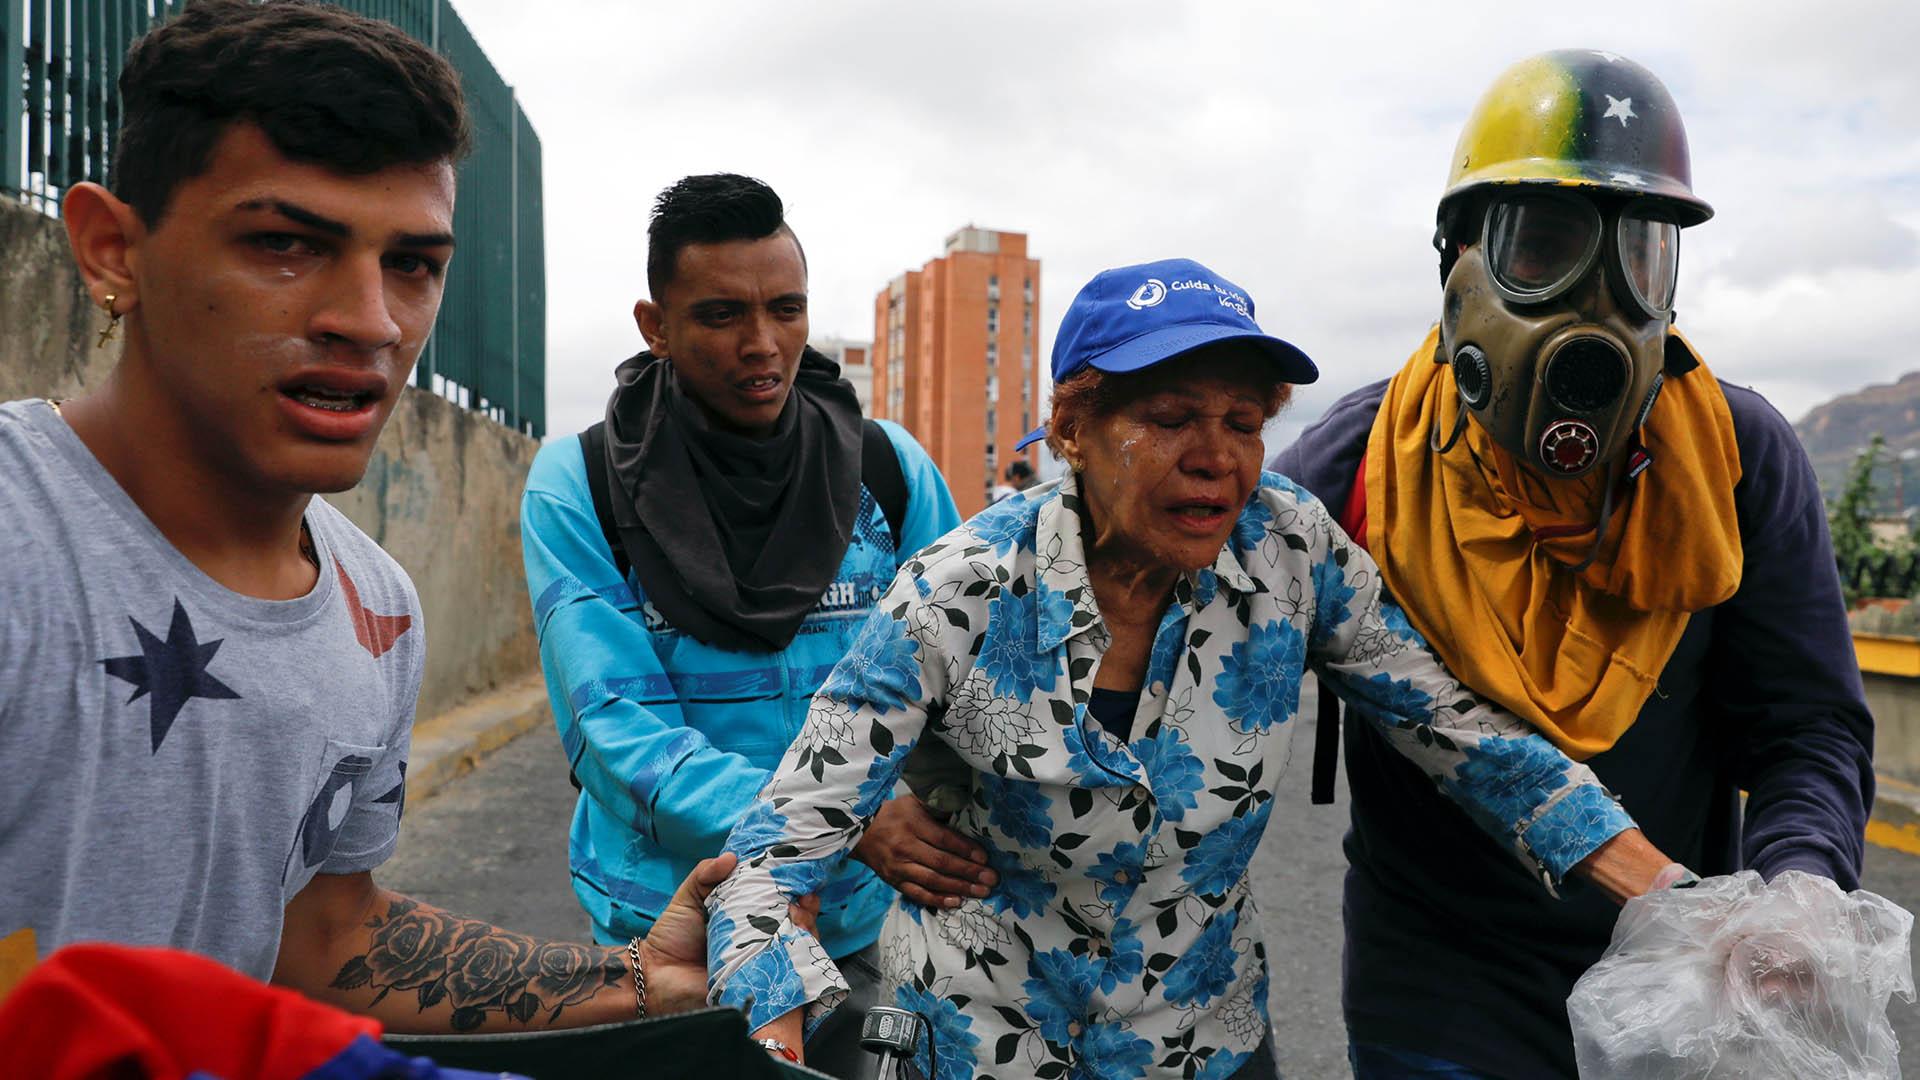 Una mujer es socorrida por manifestantes, ante los gases lacrimógenos lanzados por los uniformados